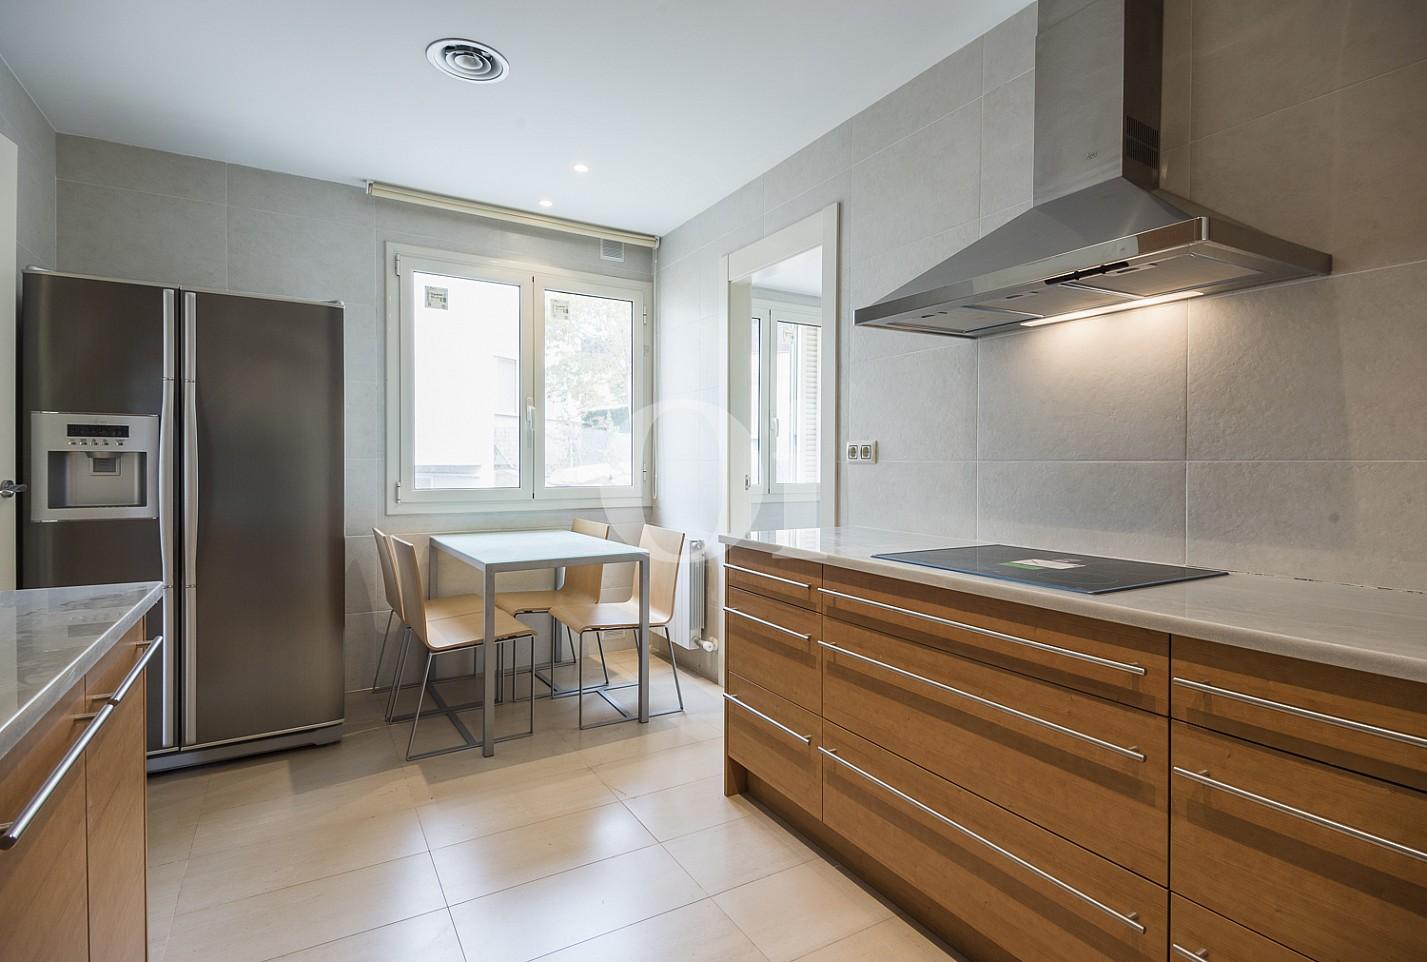 Отдельная кухня дома на продажу в Сант Висенс де Монтальт